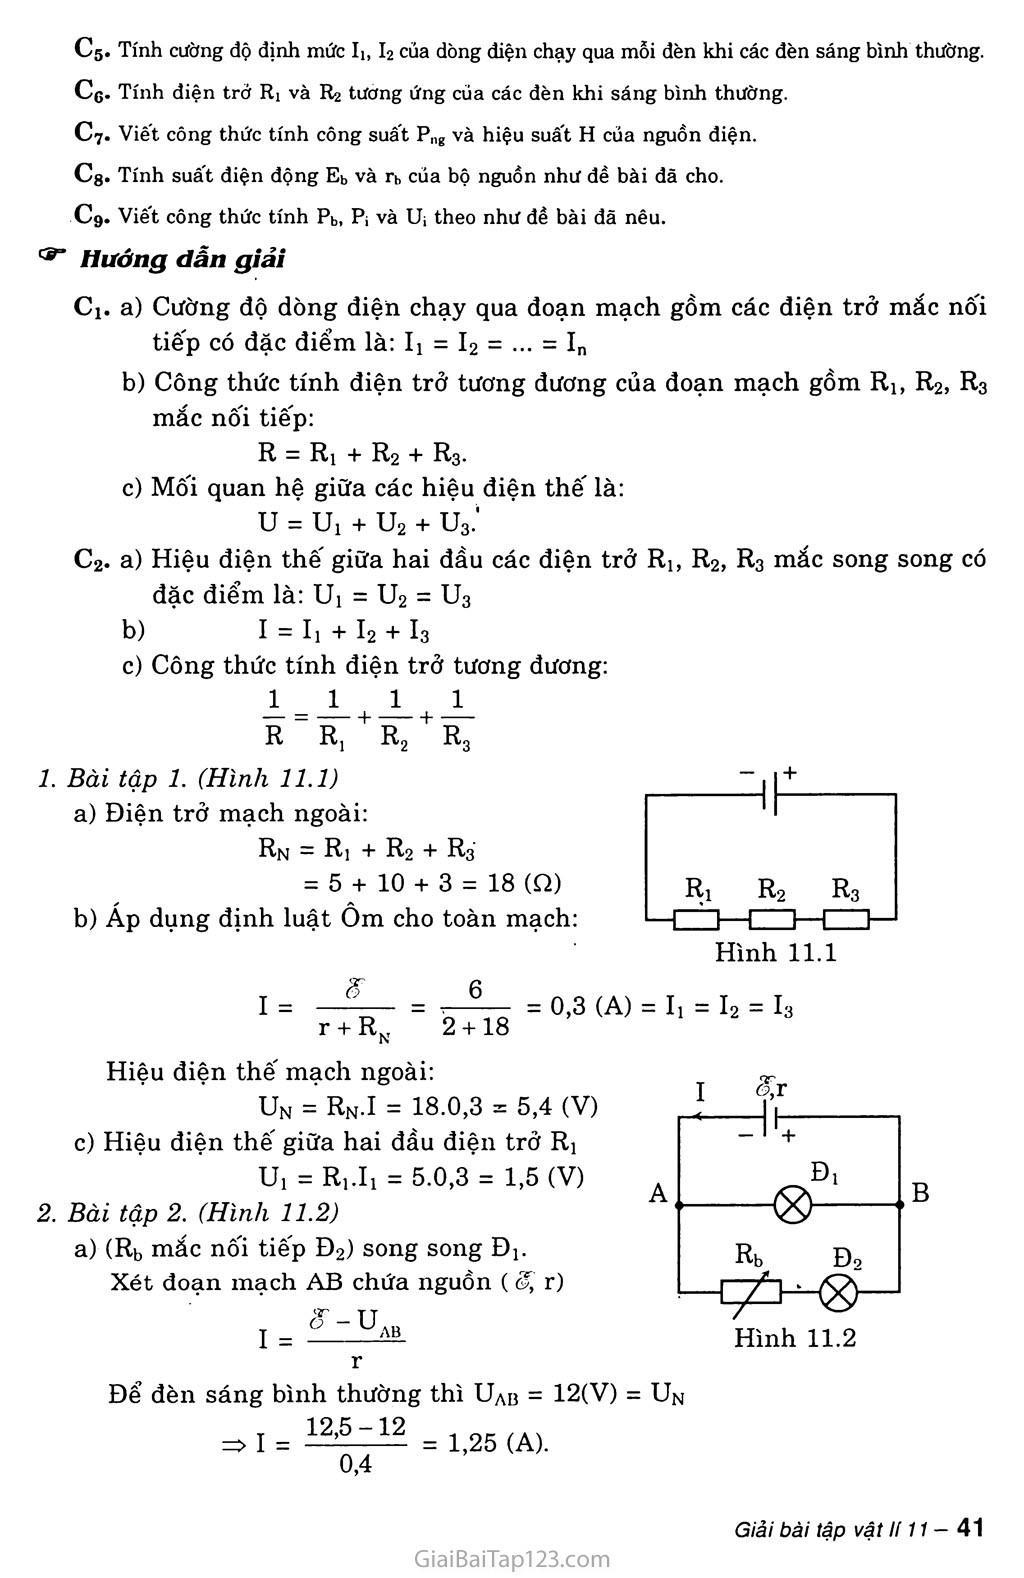 Bài 11: Phương pháp giải một số bài toán về toàn mạch trang 2